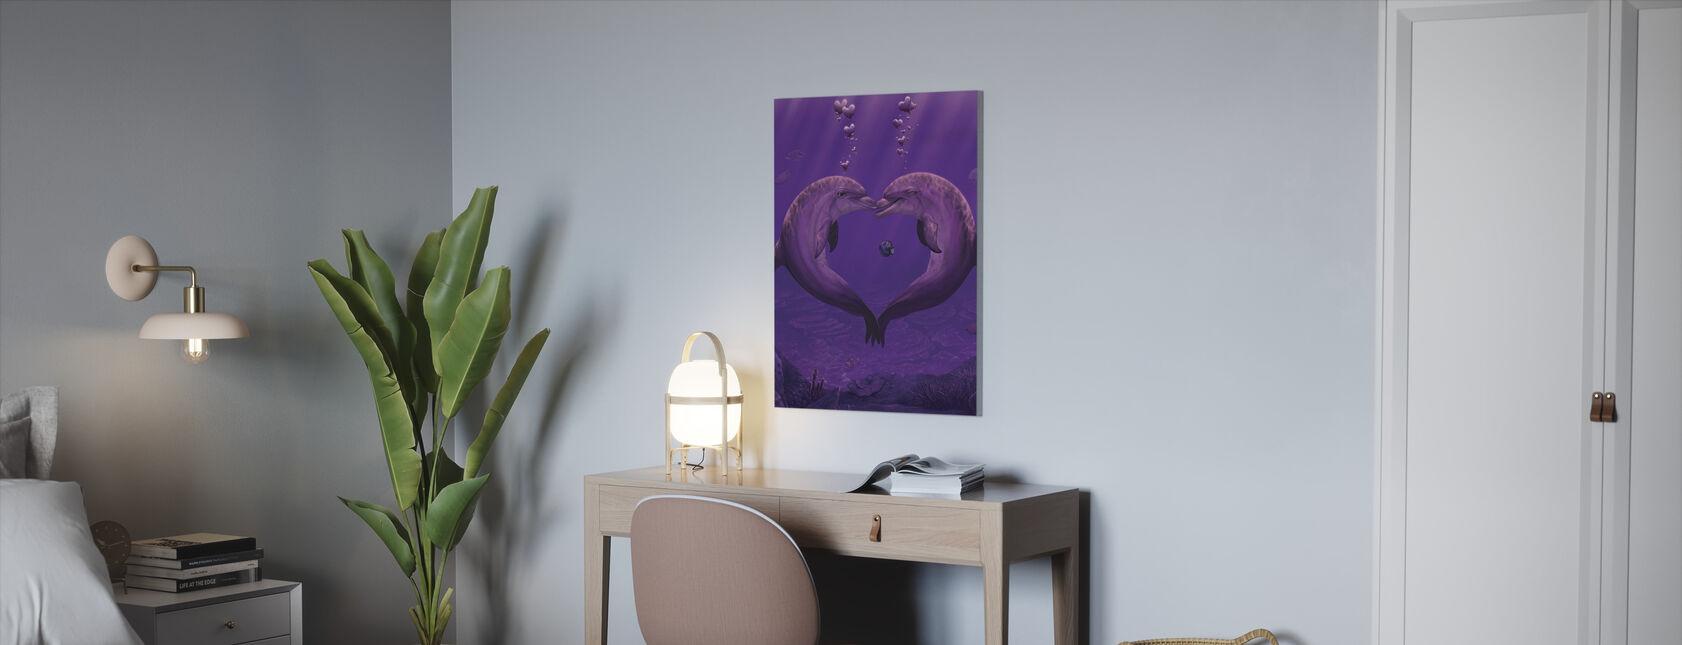 Hav av av hjärtan - Canvastavla - Kontor